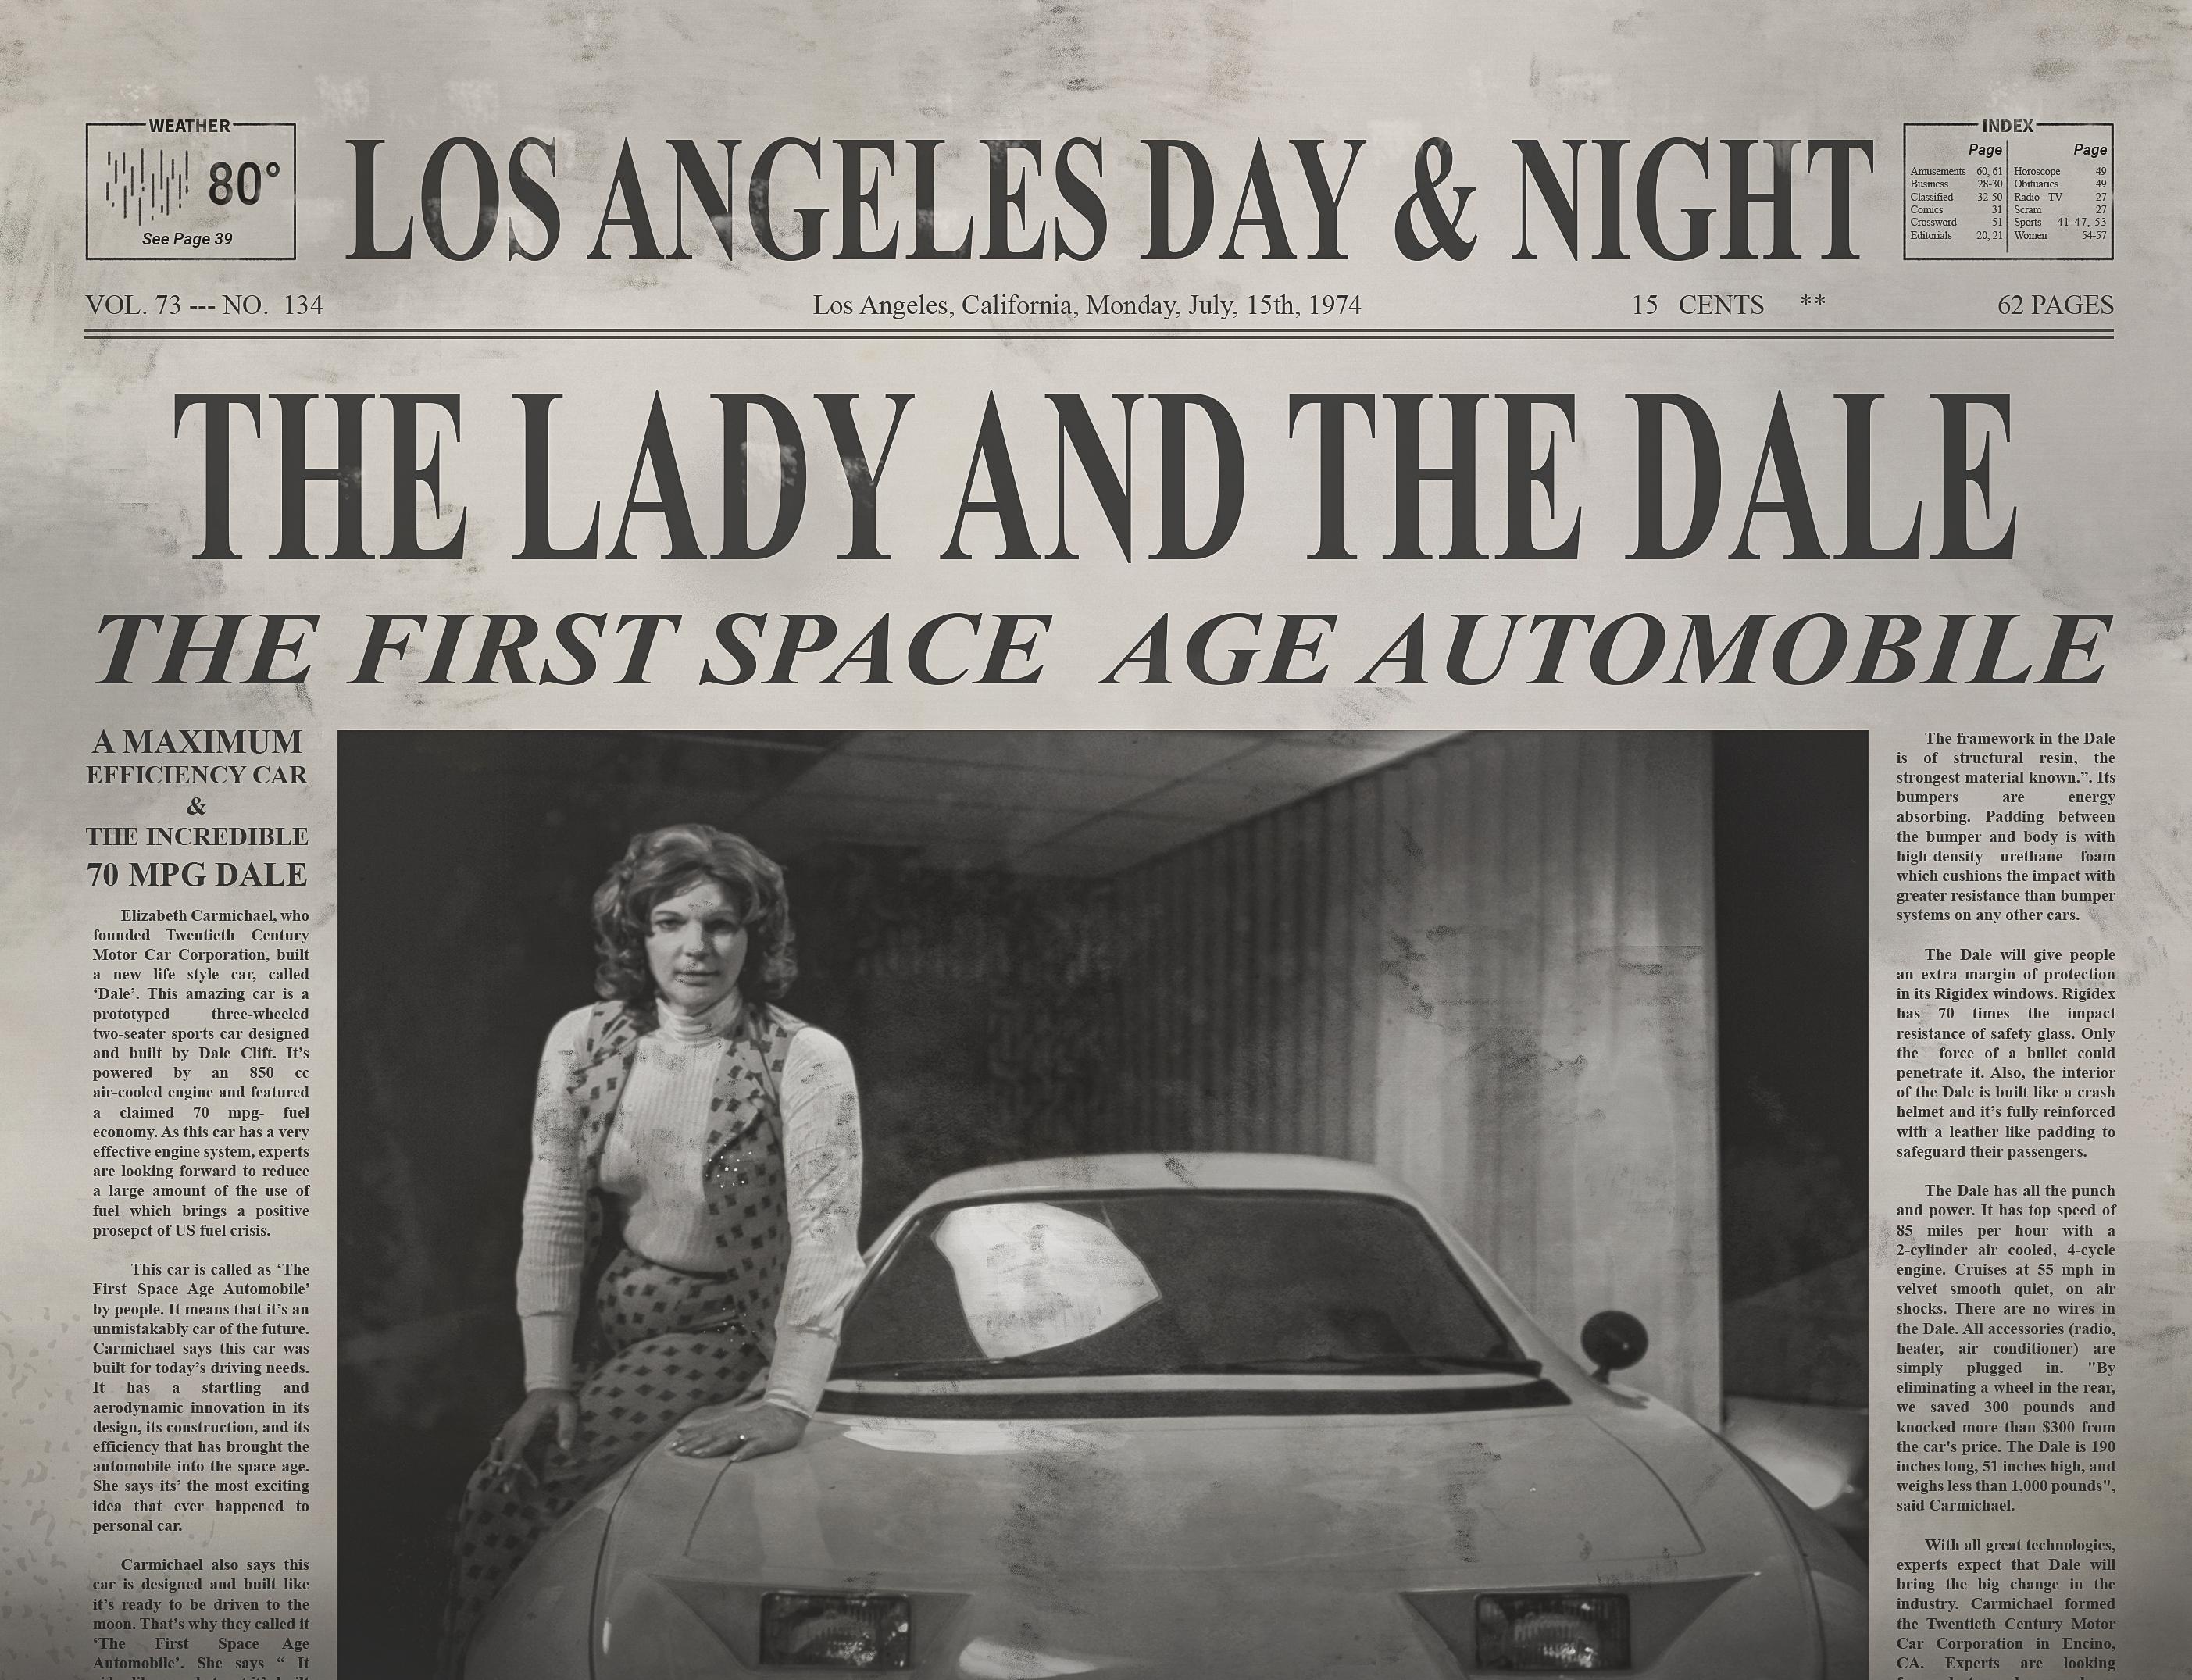 Elizabeth Carmichael posing next to Dale automobile